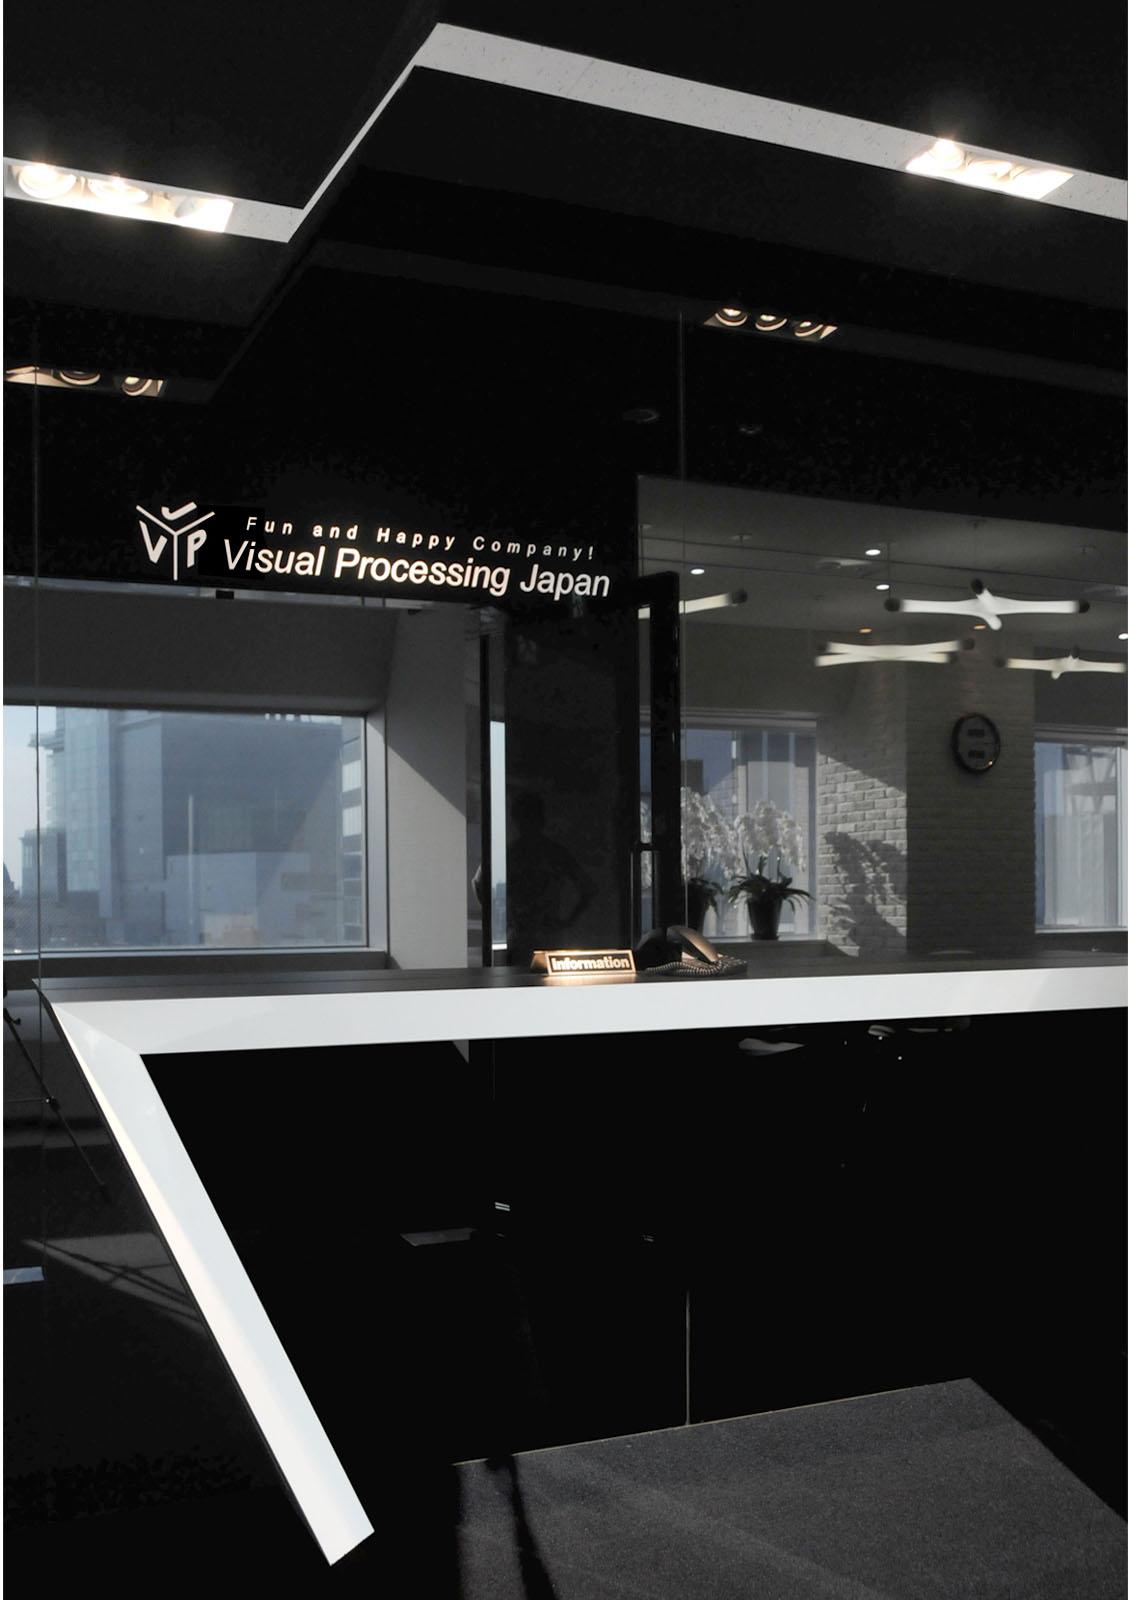 01株式会社ビジュアル・プロセッシング・ジャパン Tokyo Head Office